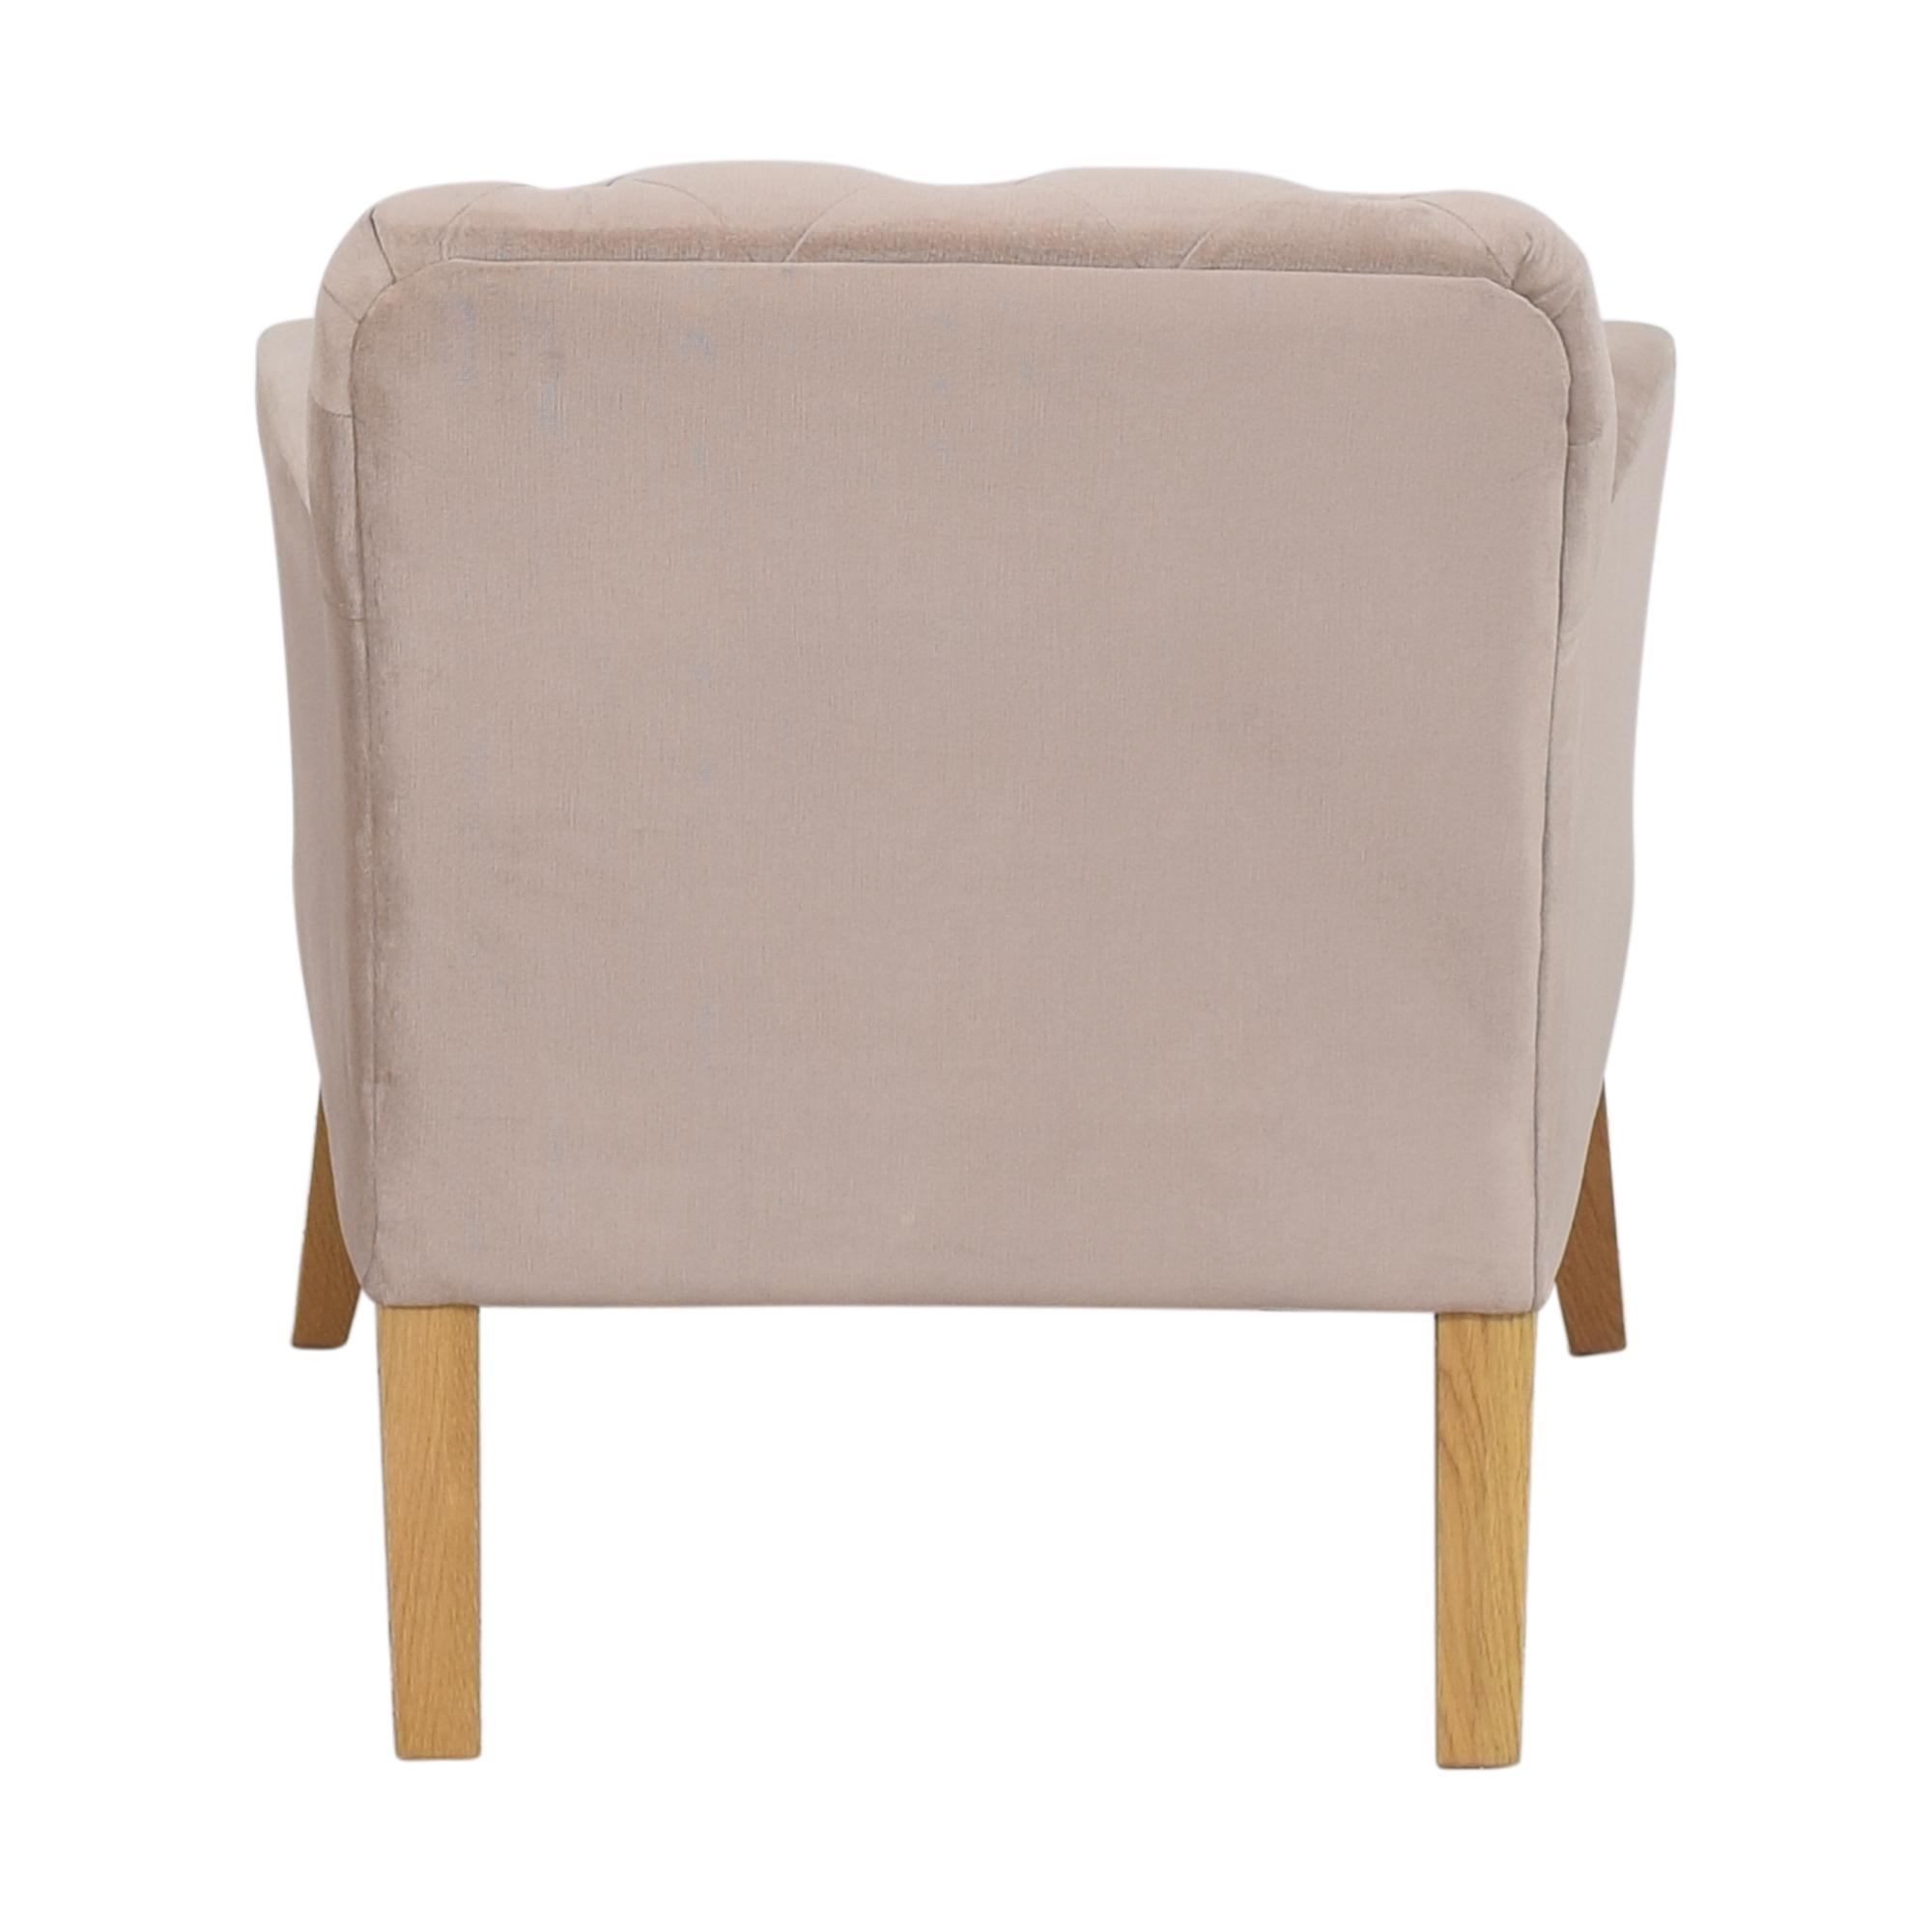 West Elm West Elm Elton Tufted Arm Chair nj